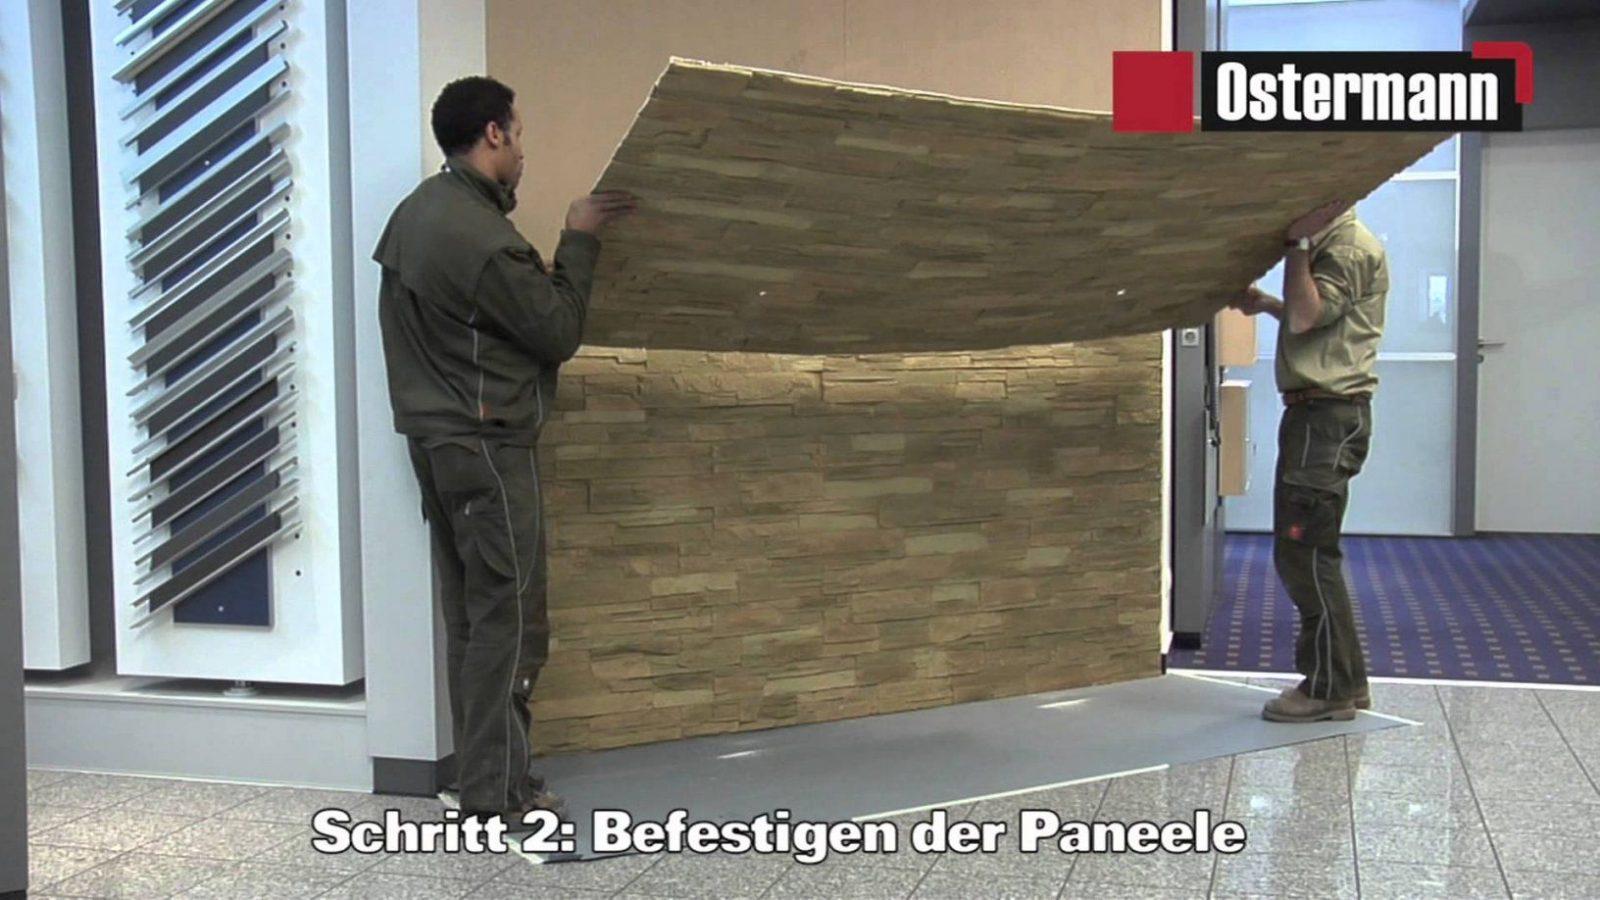 Ostermann  Gfksteinpaneele  Verarbeitungsvideo  Youtube von Wandverkleidung Stein Selber Machen Photo